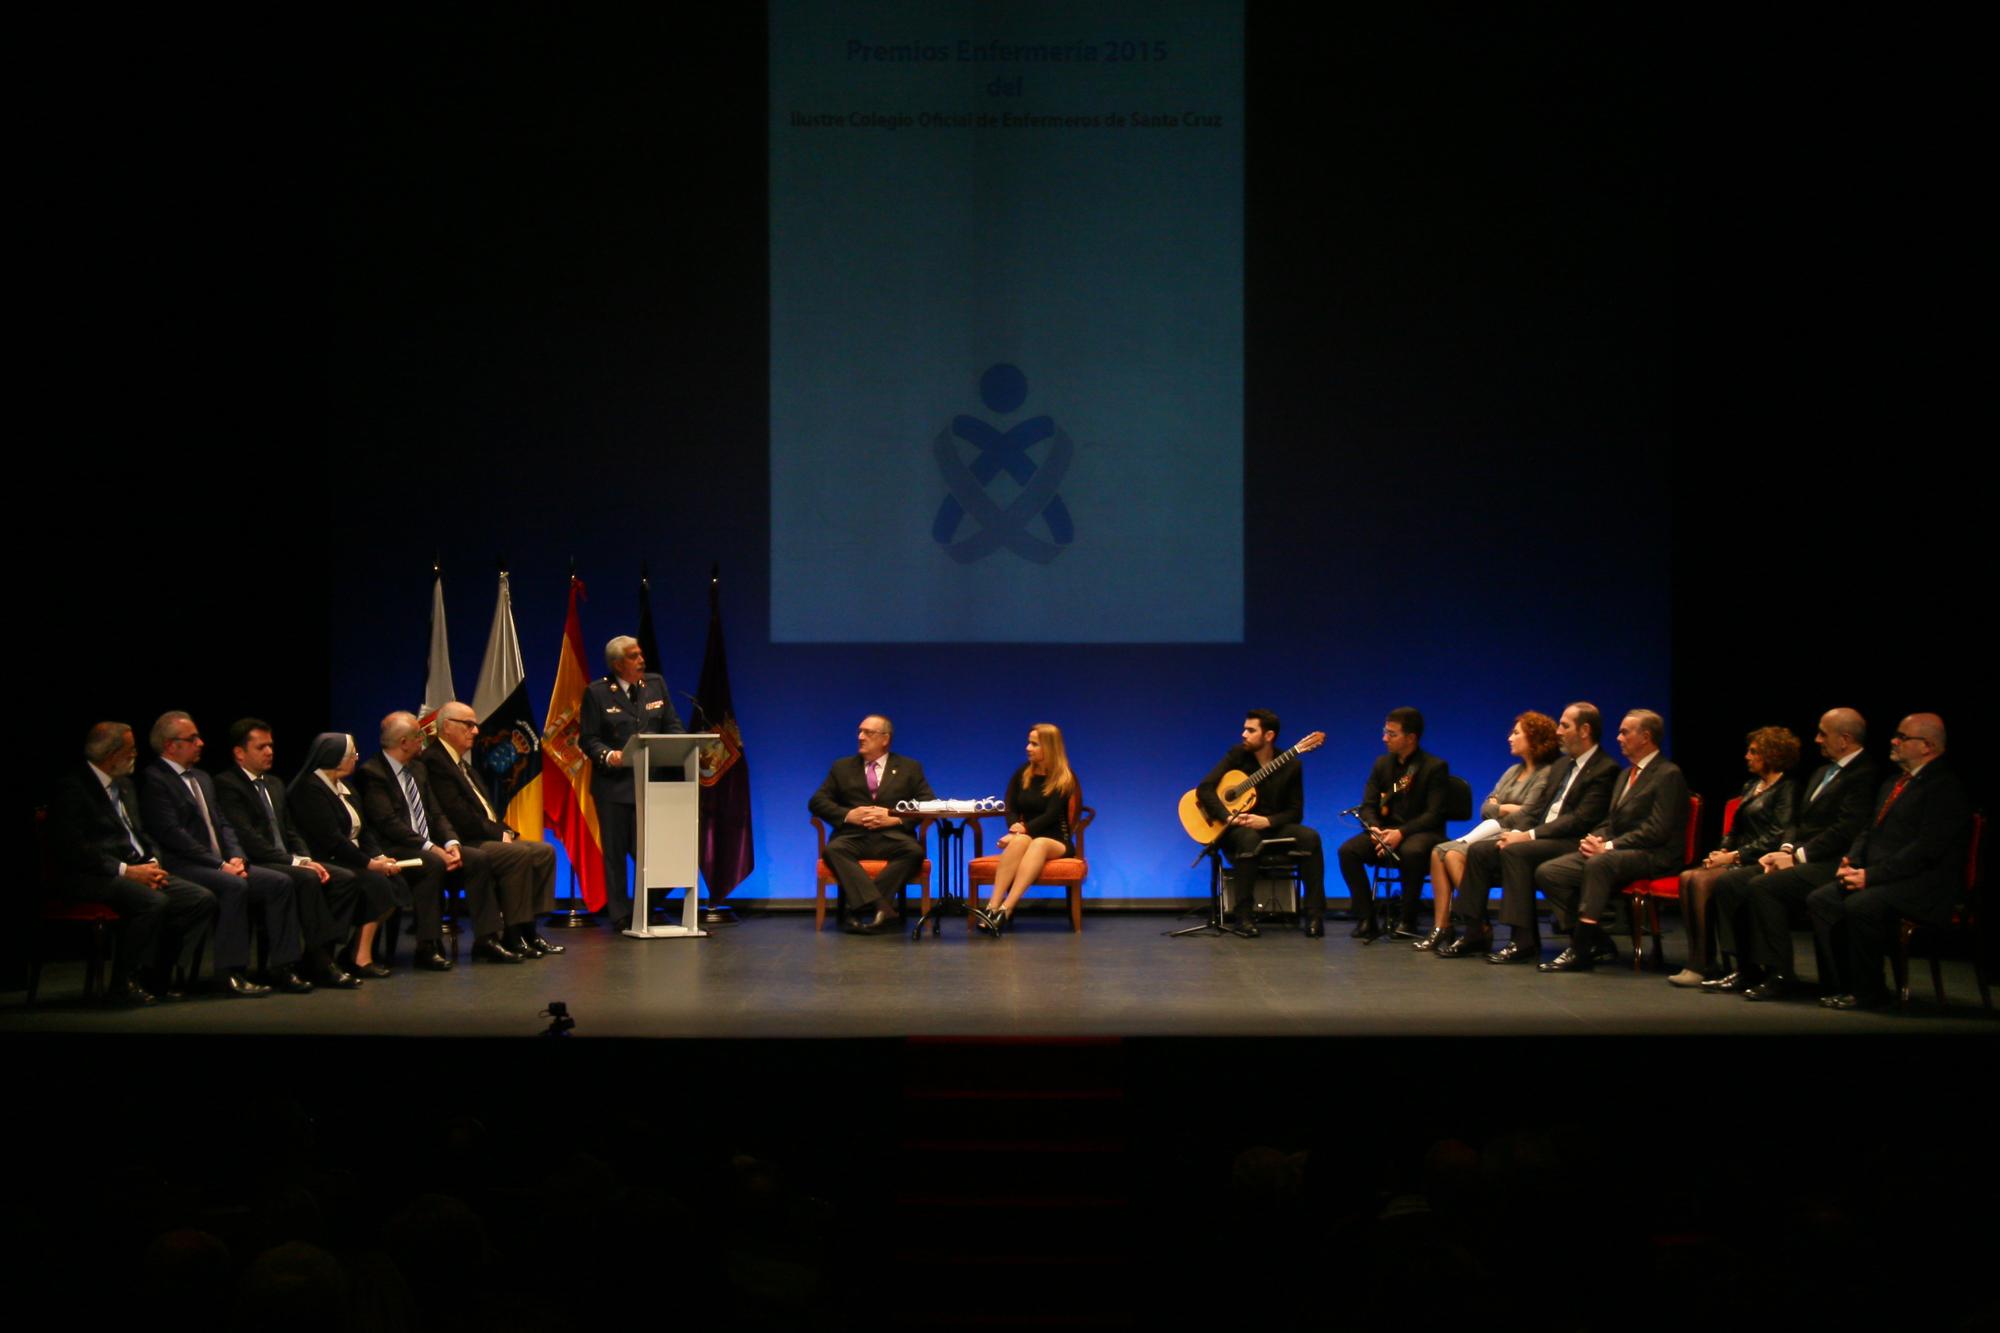 El Colegio de Enfermería de Tenerife premia a quienes se aproximan al ser humano en catástrofes y emergencias